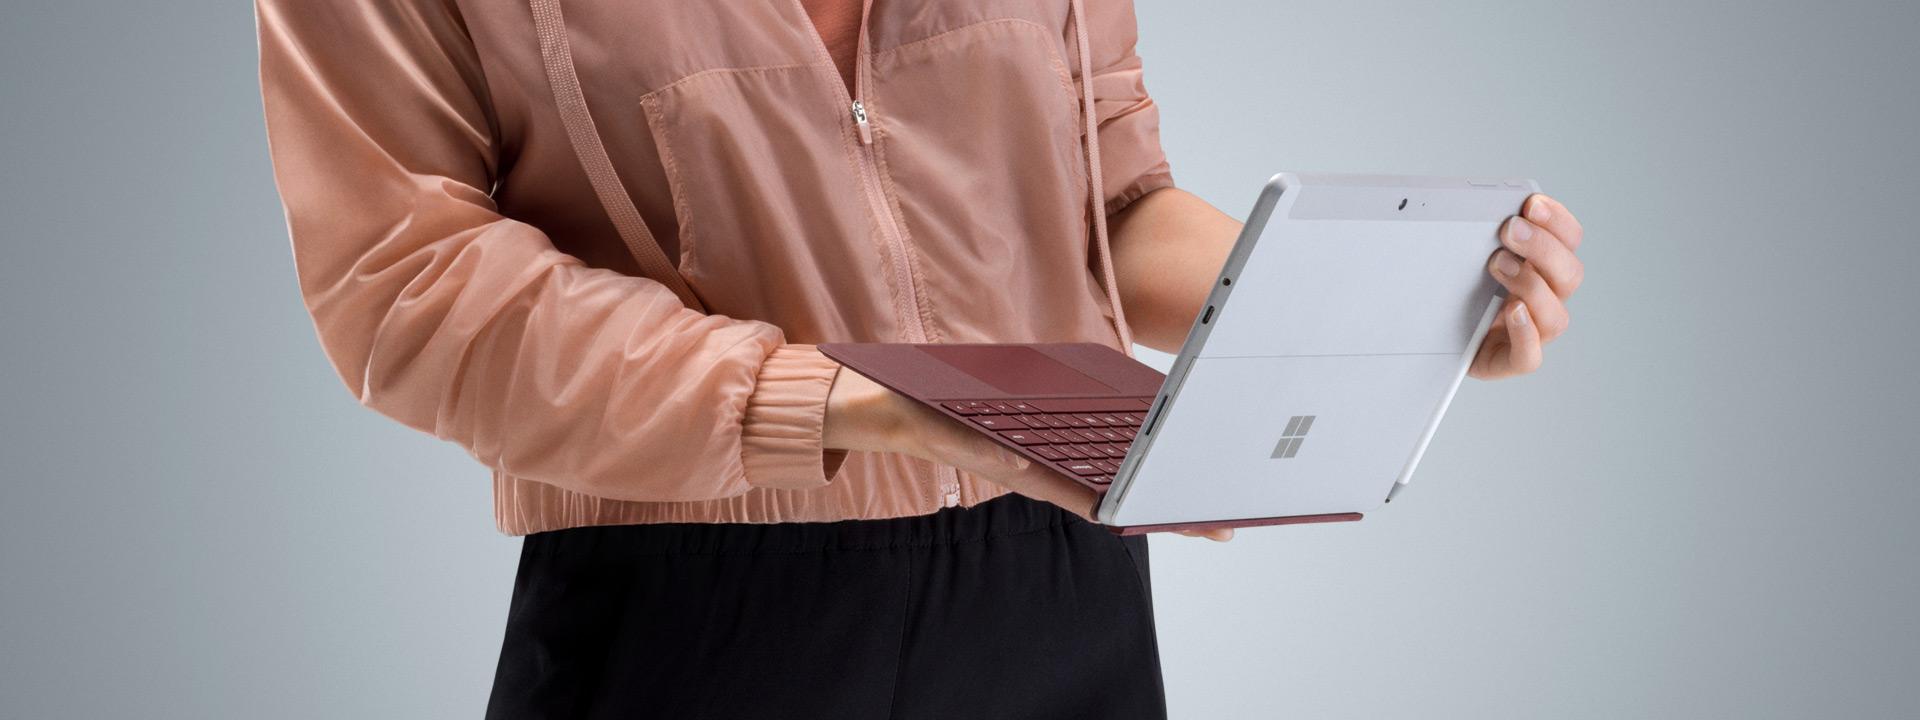 Seorang perempuan berjaket merah jambu memegang Surface Go